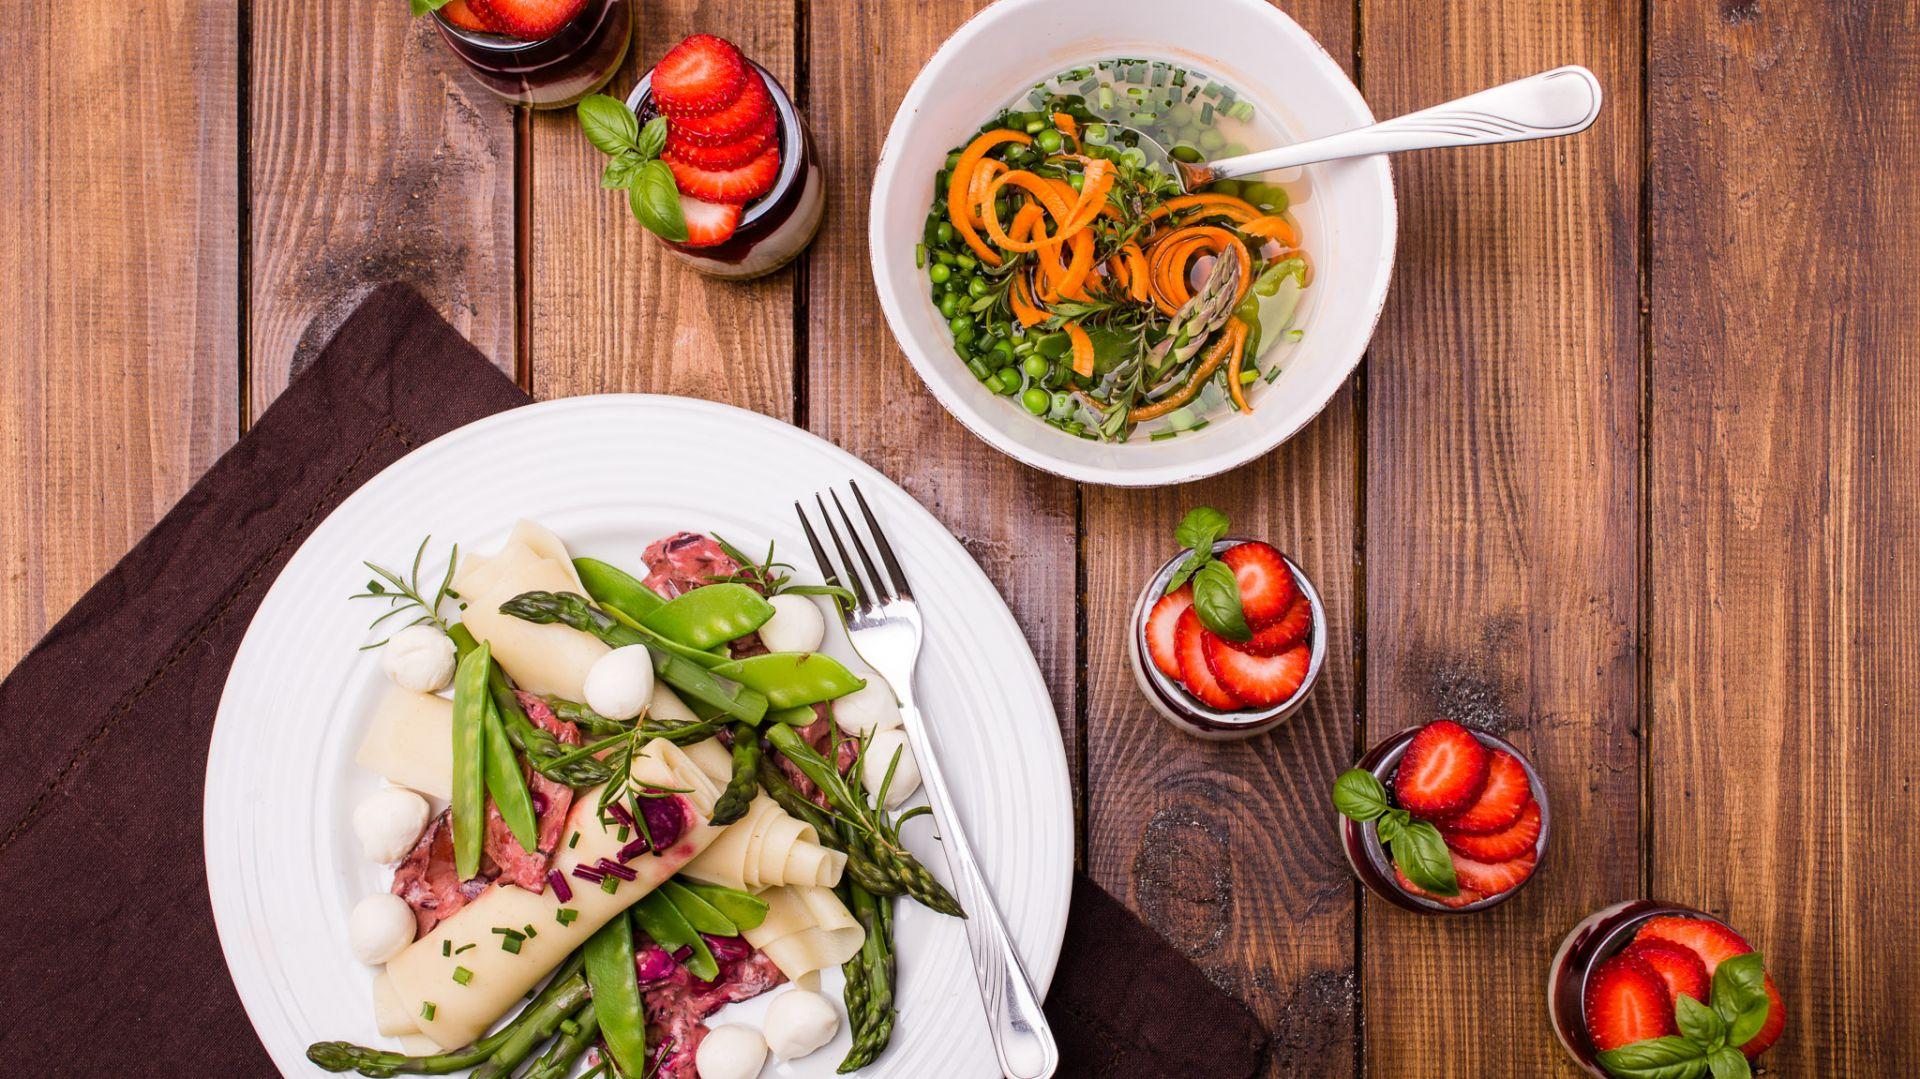 Wiosna W Kuchni Przepisy Na Pyszne I Zdrowe Dania